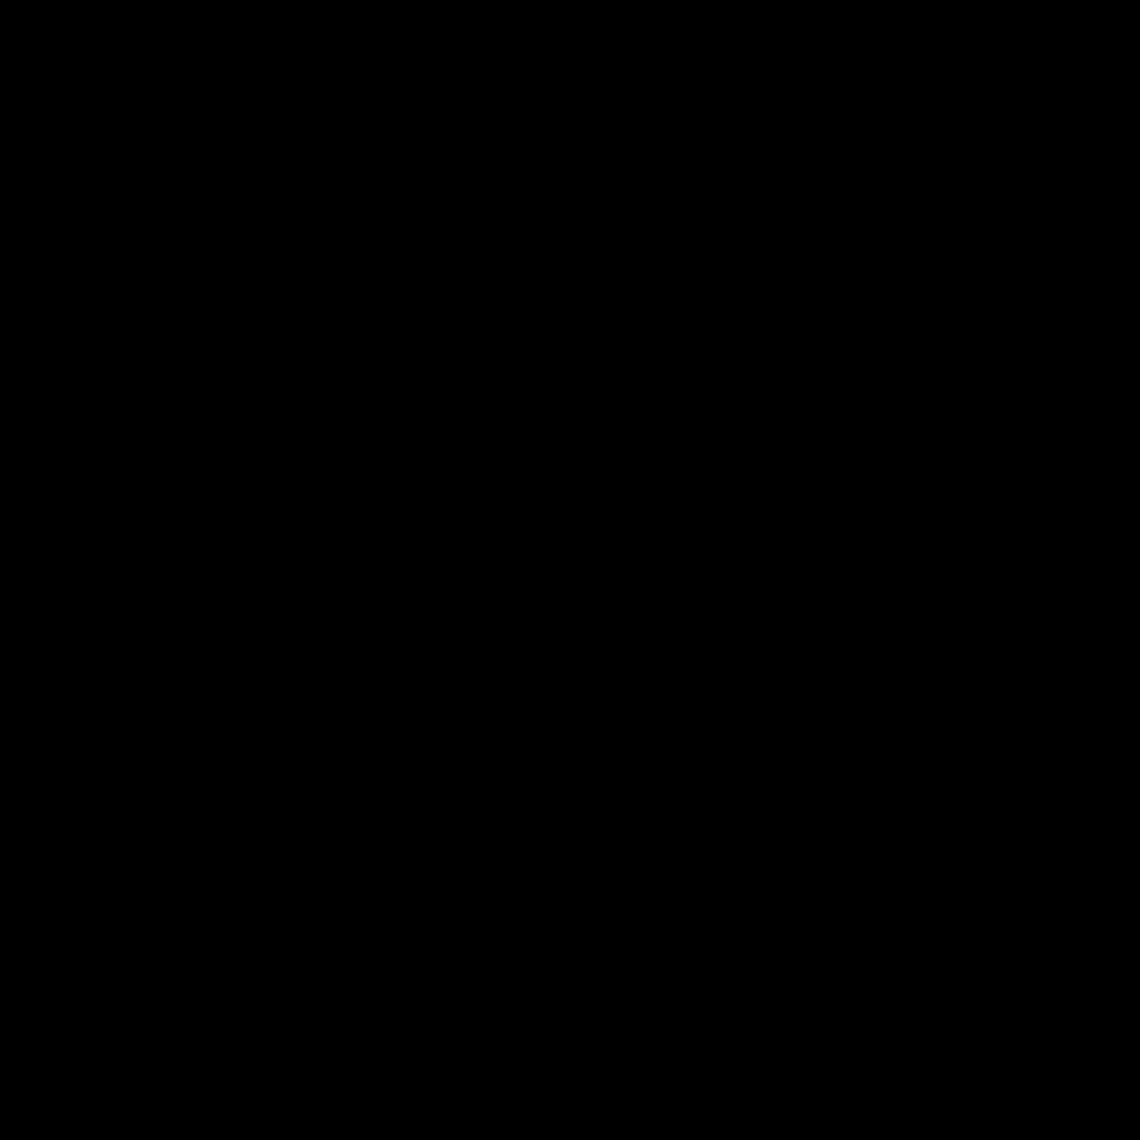 Ice-Plain-01-Metallic